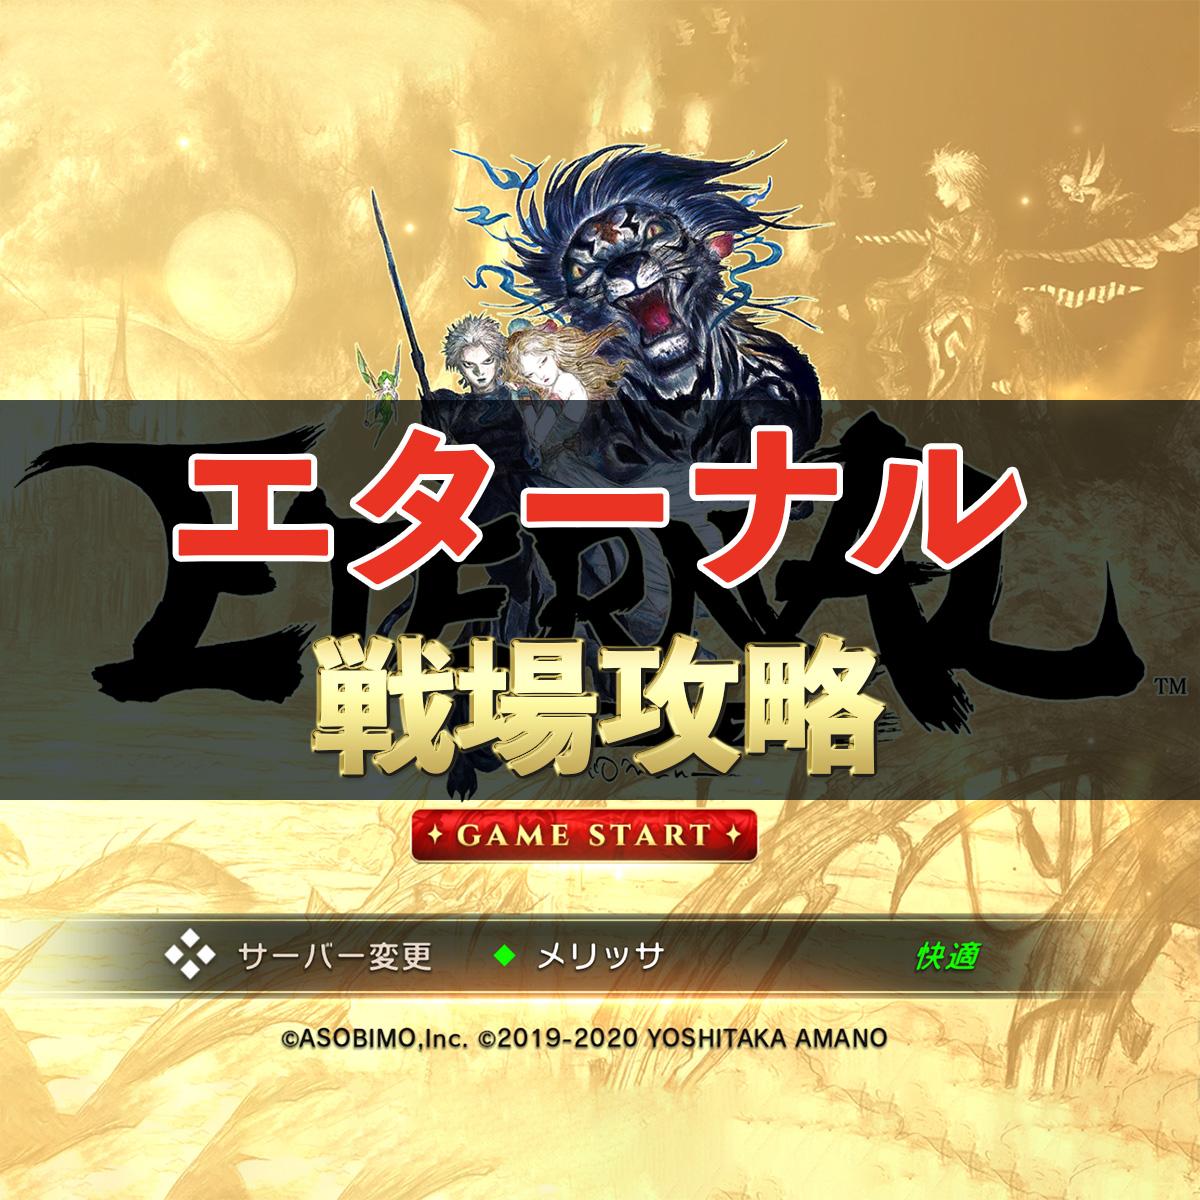 【エターナル】戦場攻略! 注意すべきスキルをまとめてみた!